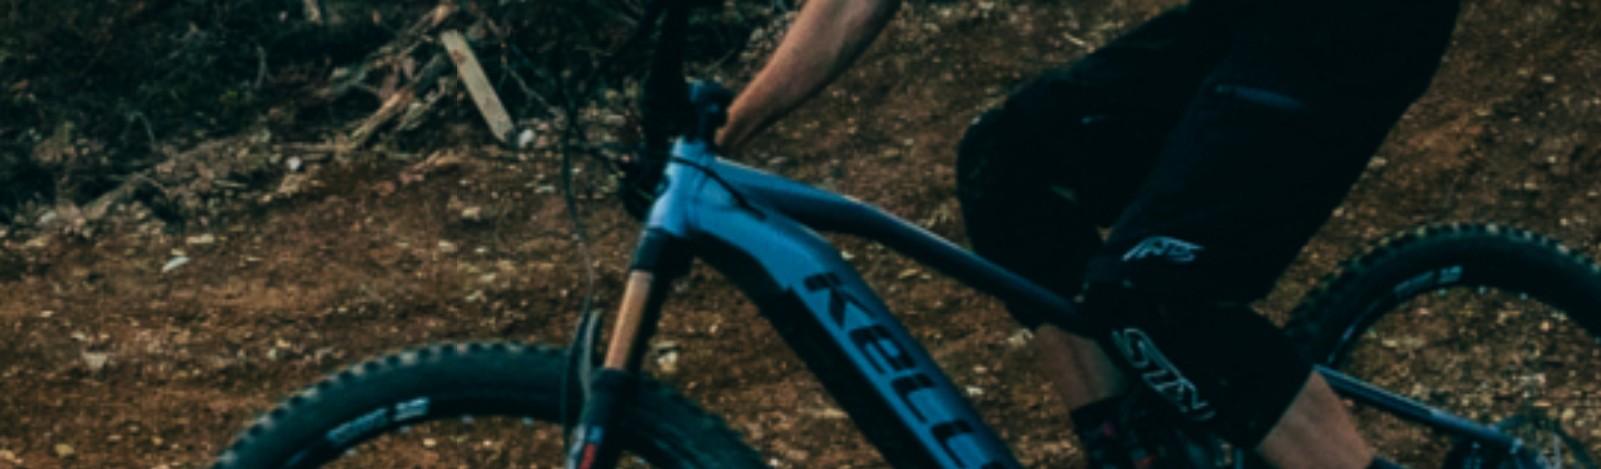 Stery rowerowe